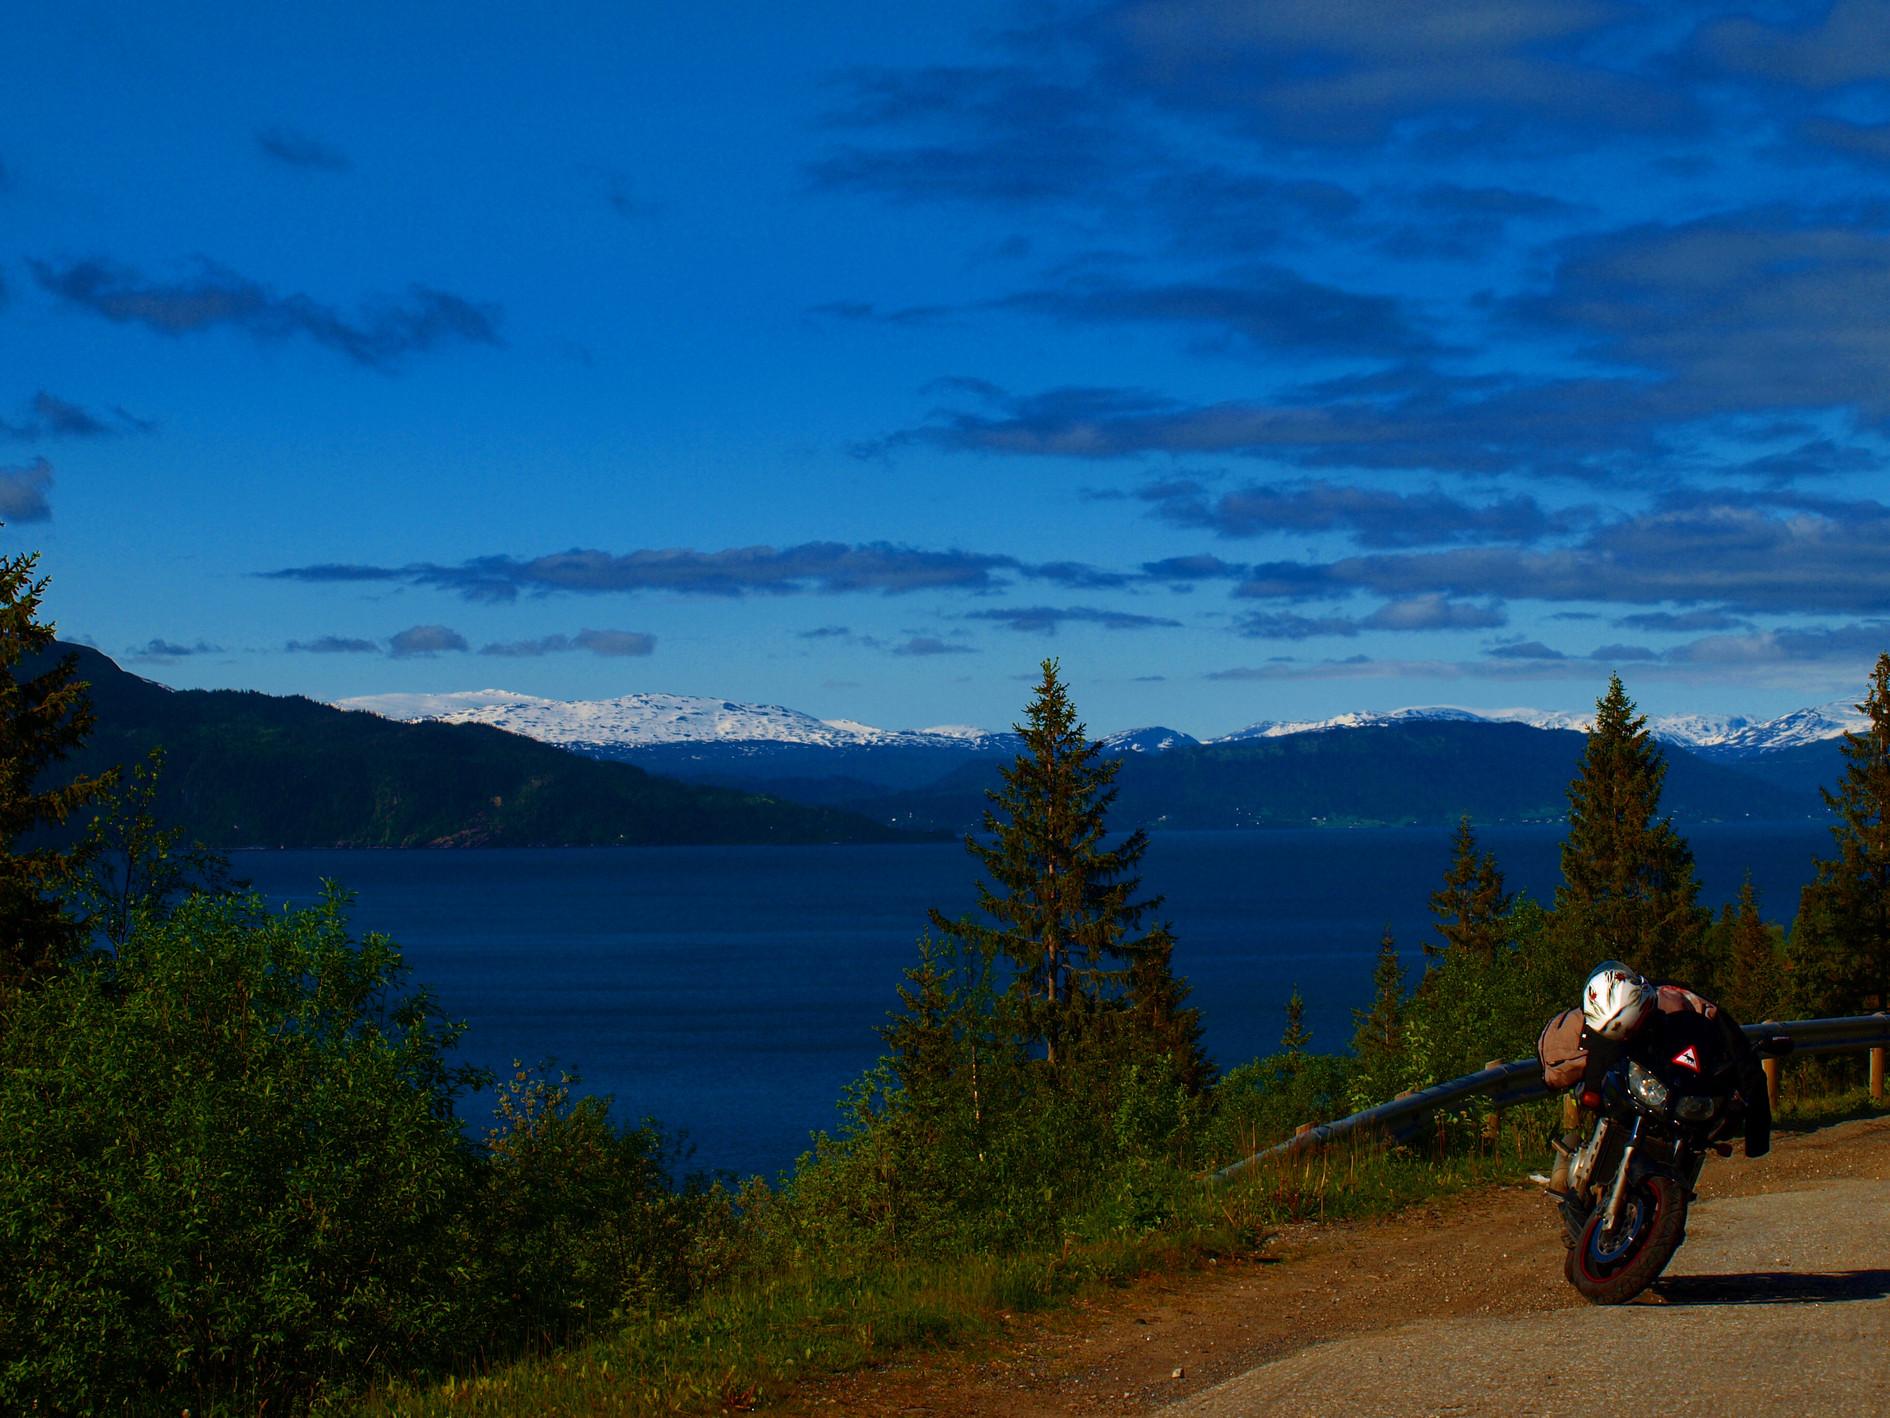 Καλύτερο δωρεάν site γνωριμιών Νορβηγία